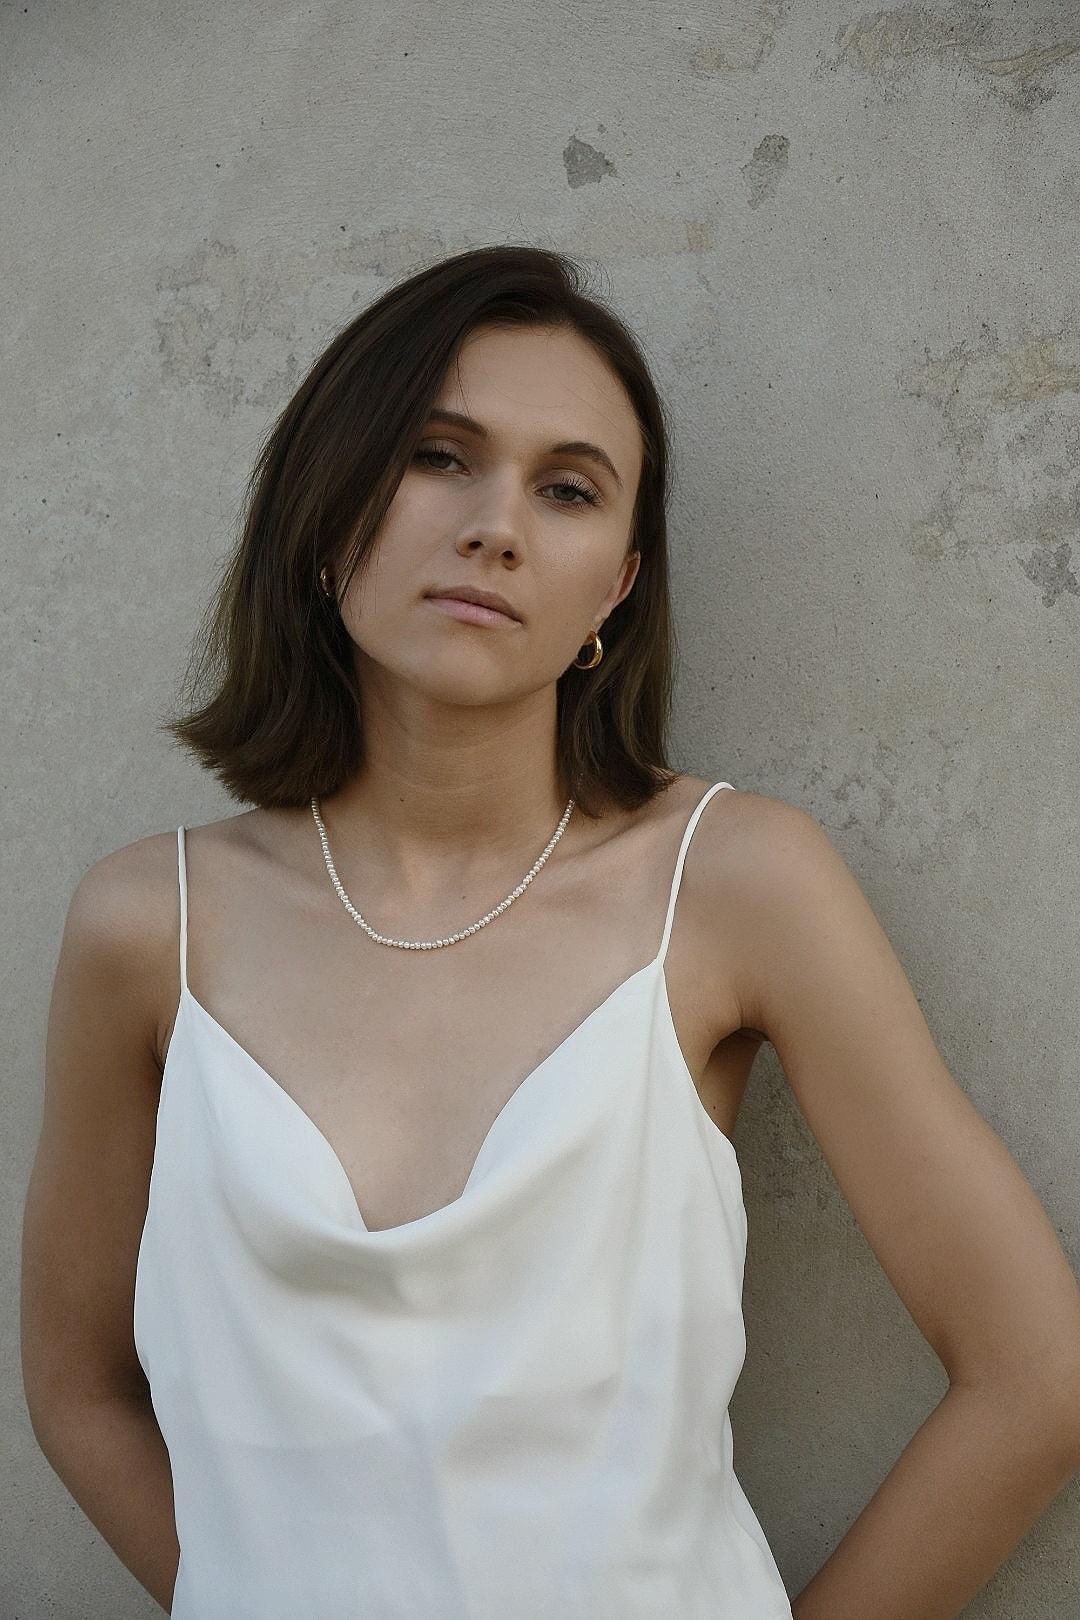 Modelka prezentuje naszyjnik z pereł naturalnych.